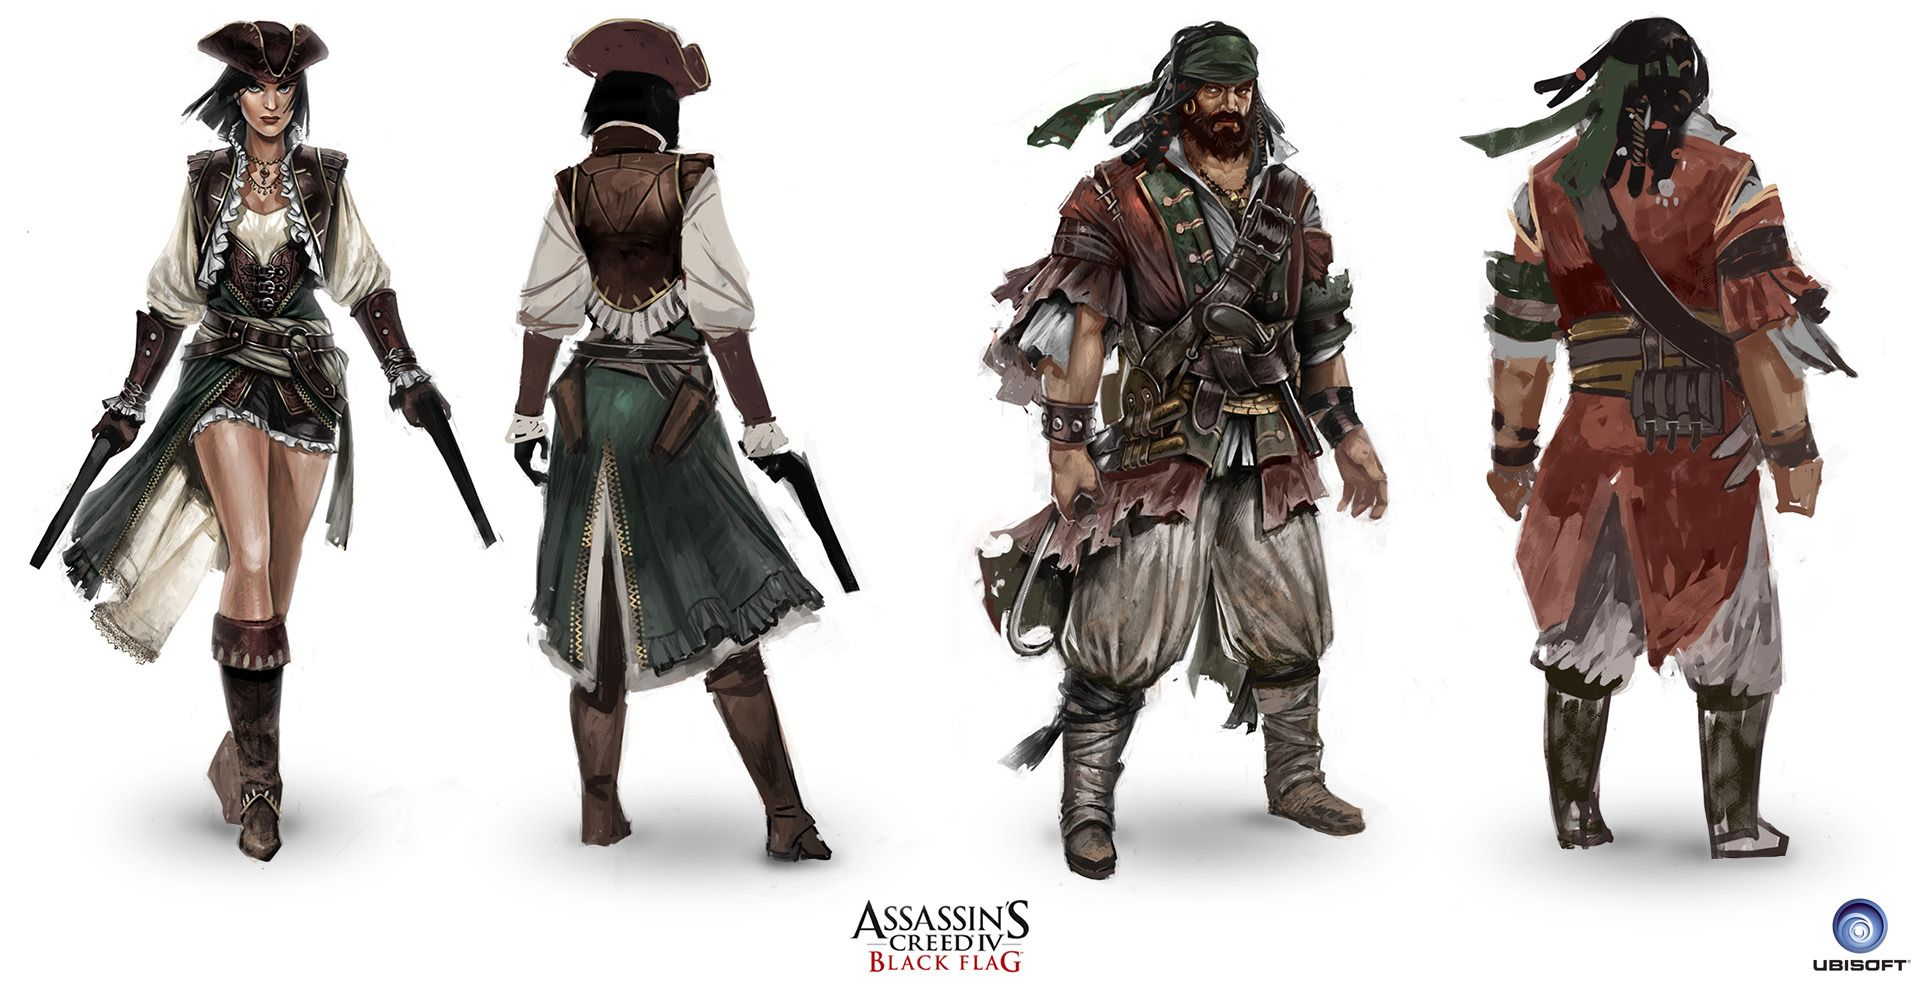 1eaaf531ecc02fce8a5cfccef9fa7ceb Jpg Image Jpeg 1920 984 Pixels Assassins Creed Black Flag Character Design Character Concept